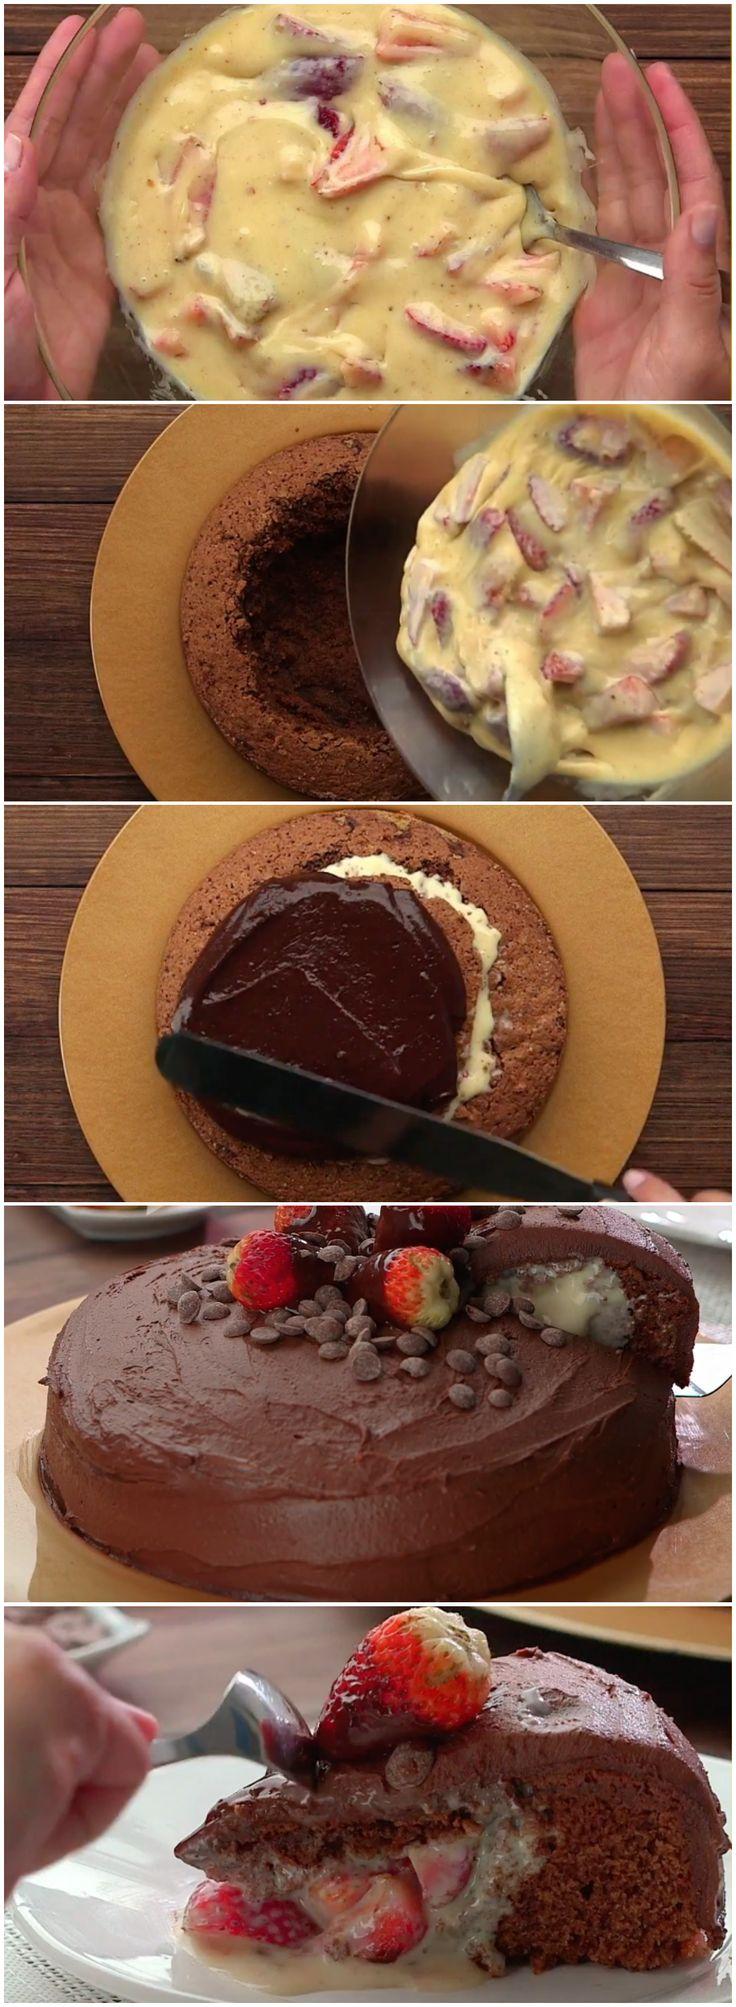 BOLO DE CHOCOLATE COM RECHEIO DE MORANGO (veja a receita passo a passo) #bolo #bolodechocolatecommorango #chocolate #morango